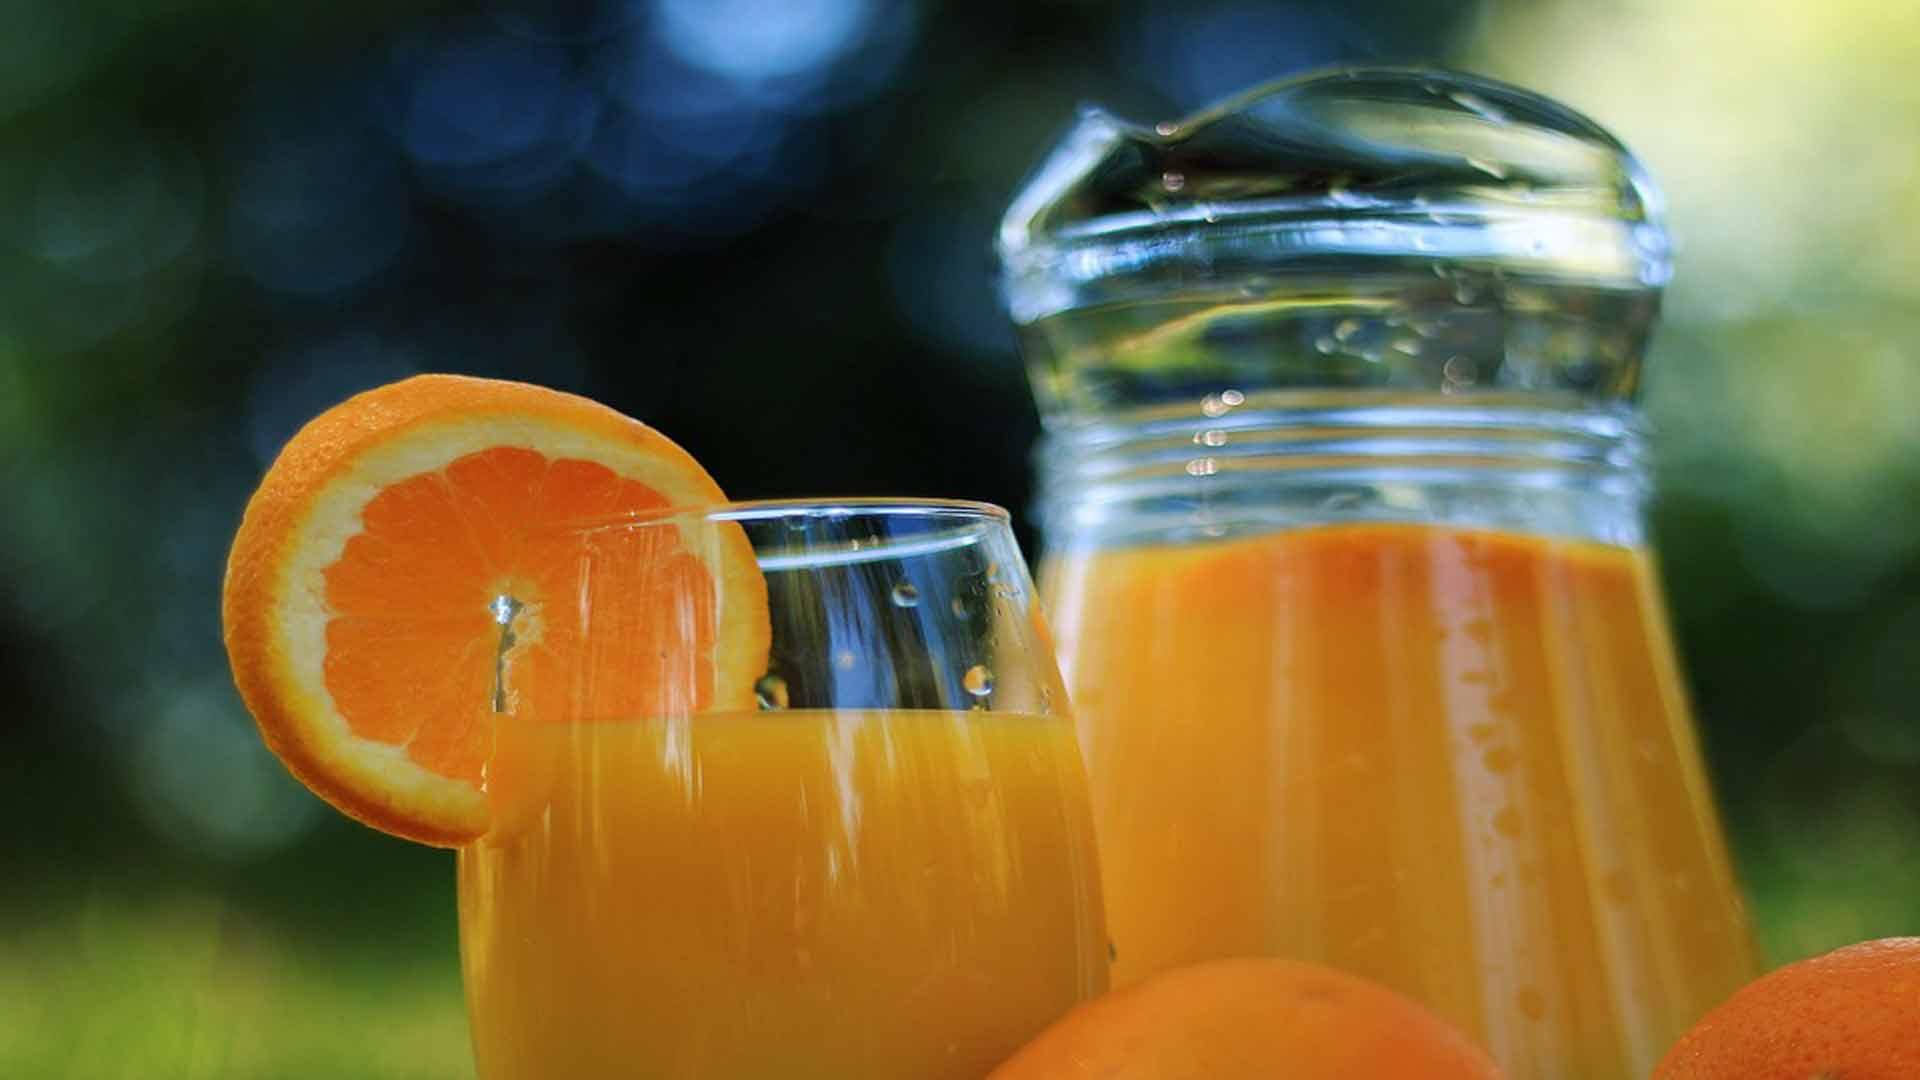 por-que-tomar-zumo-de-naranja-natural-a-diario-1920